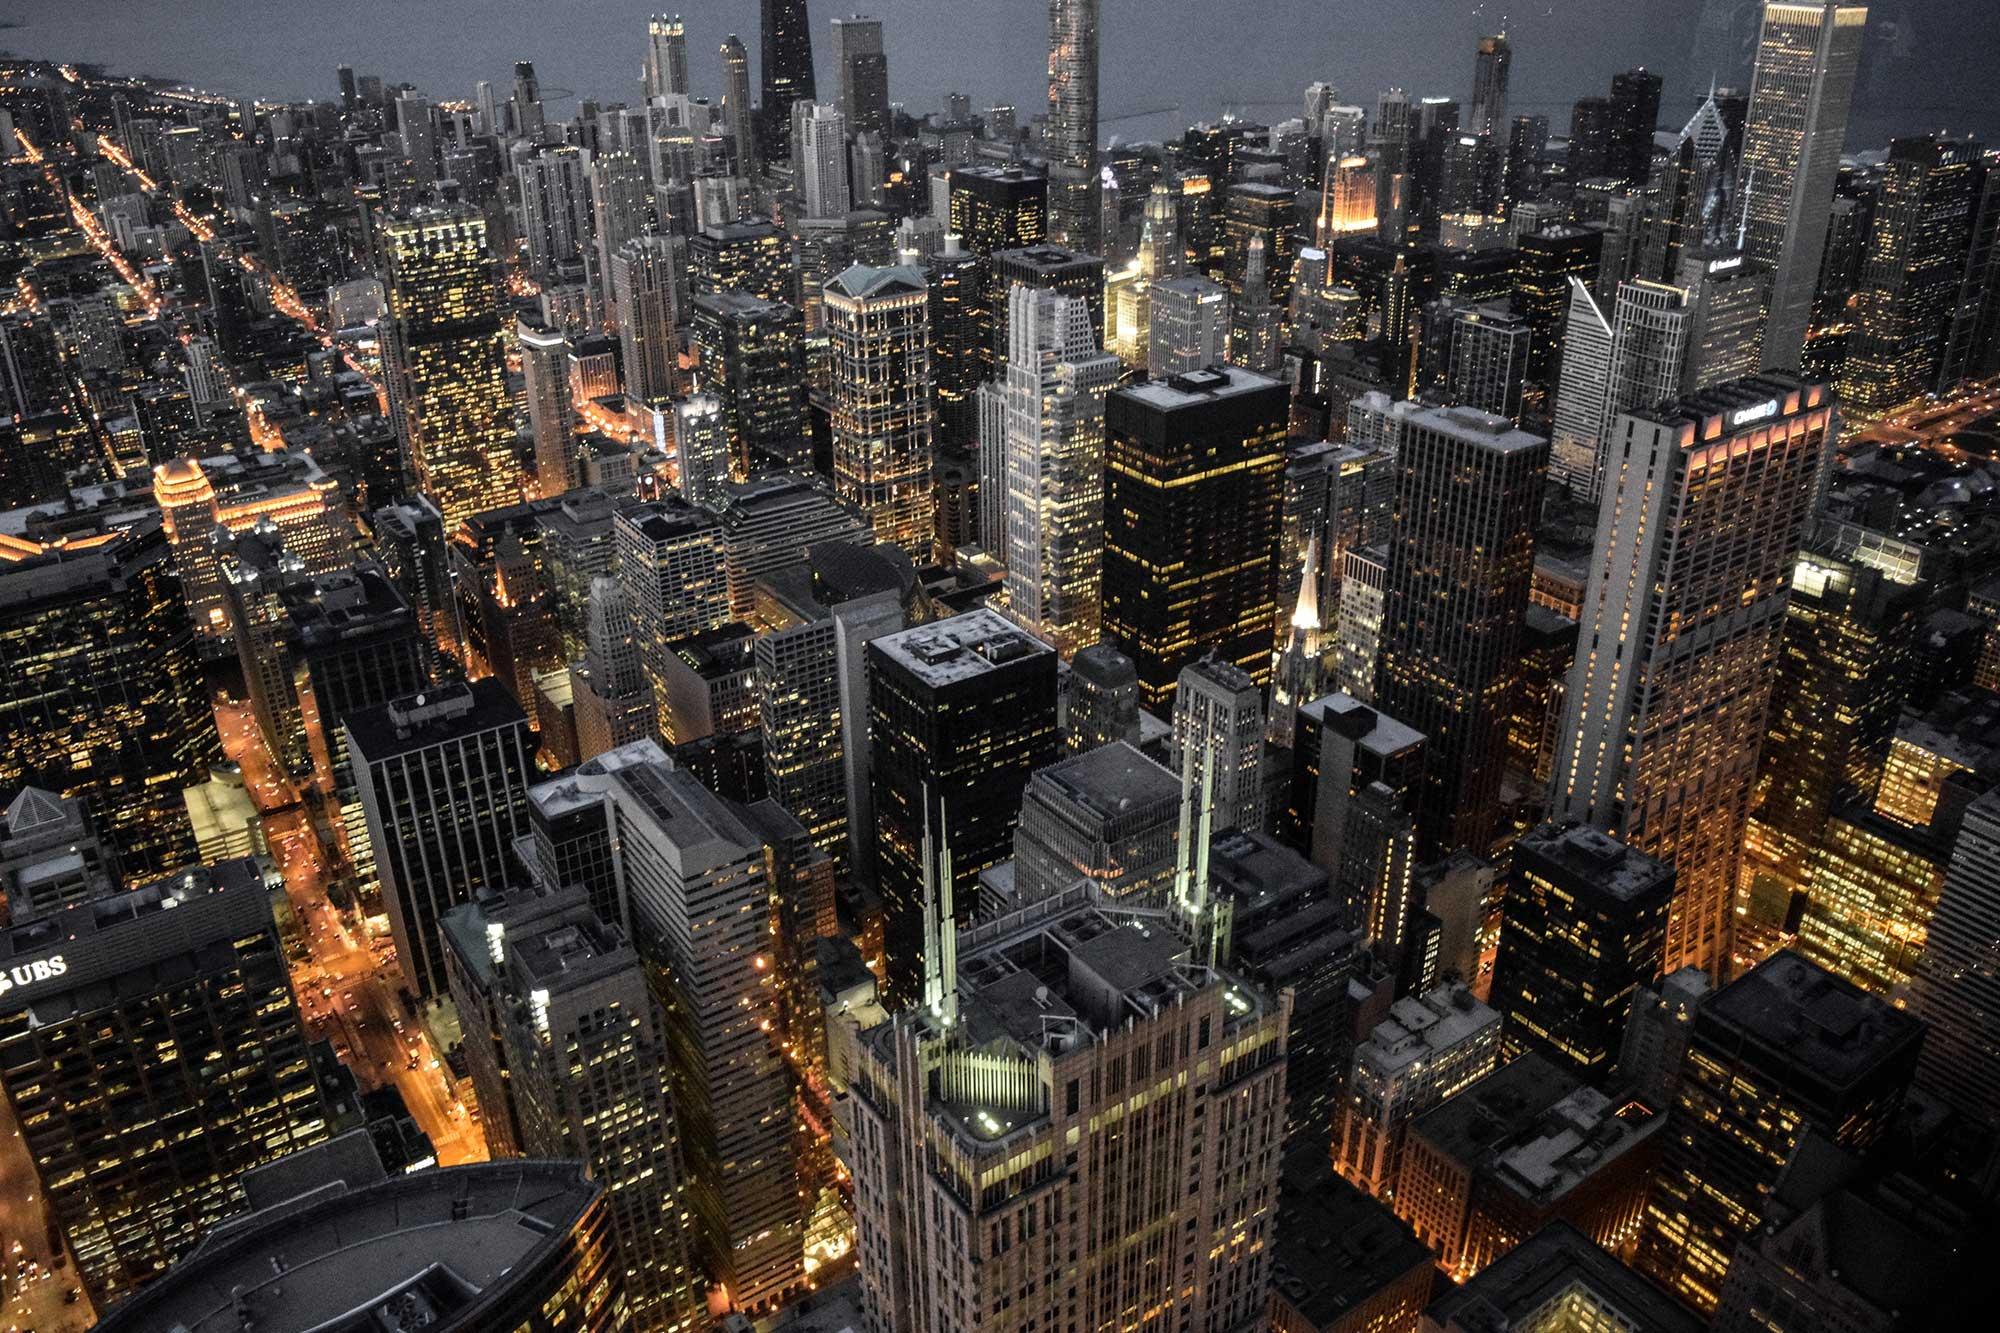 Chicago Tribune Op-Ed: Por qué Pilsen debe ser designado un 'santuario cultural'